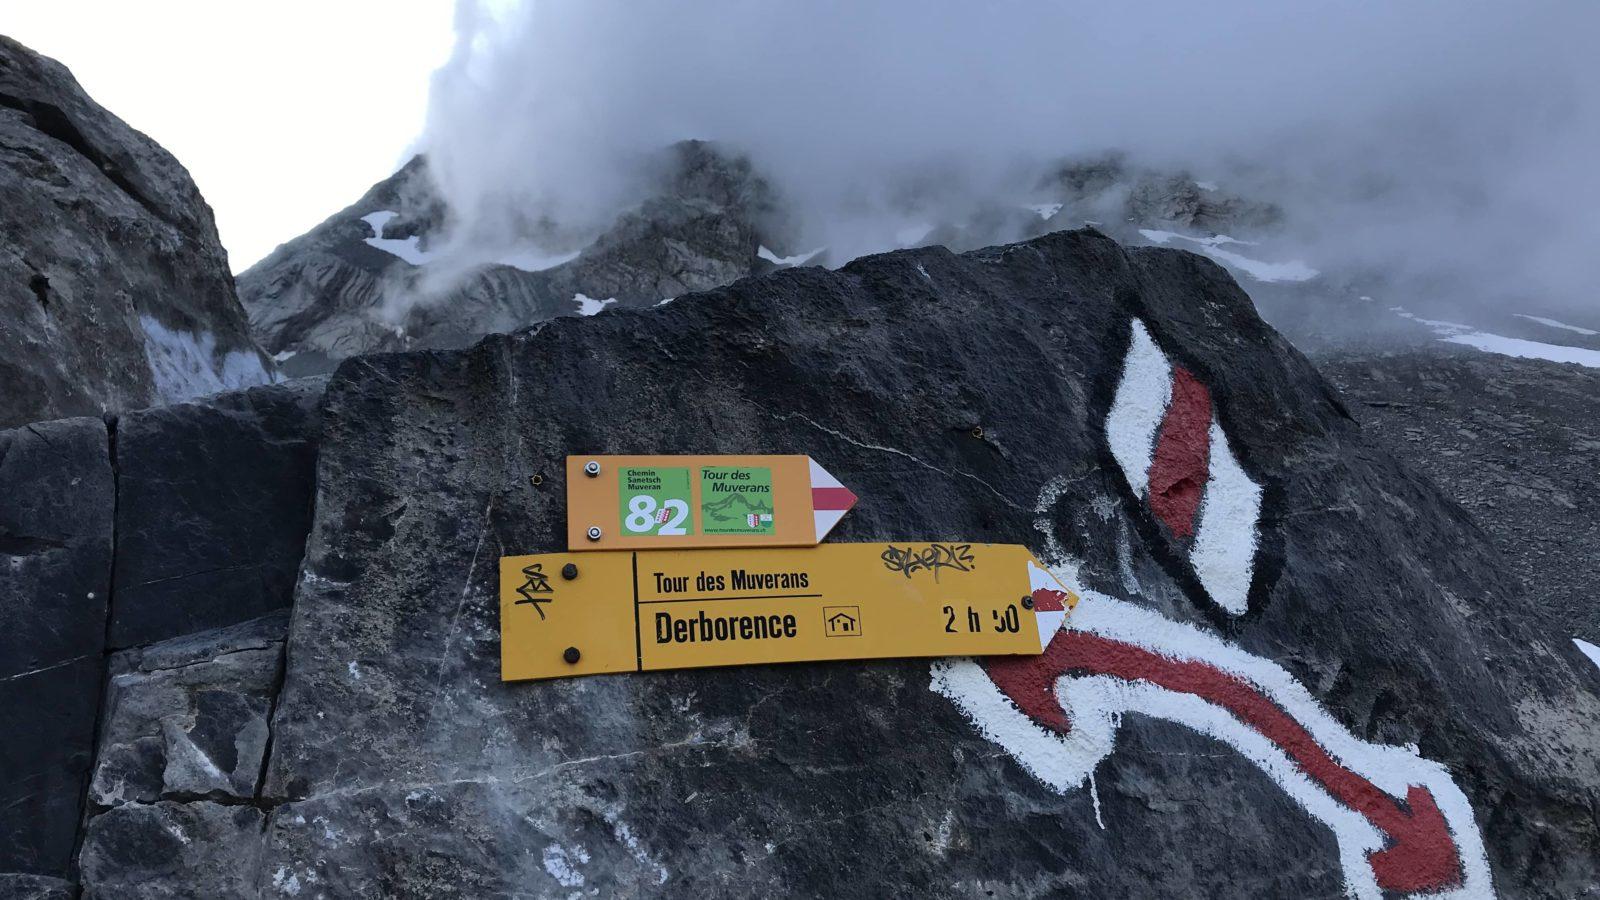 Le balisage des chemins et sentiers de randonnée en Suisse